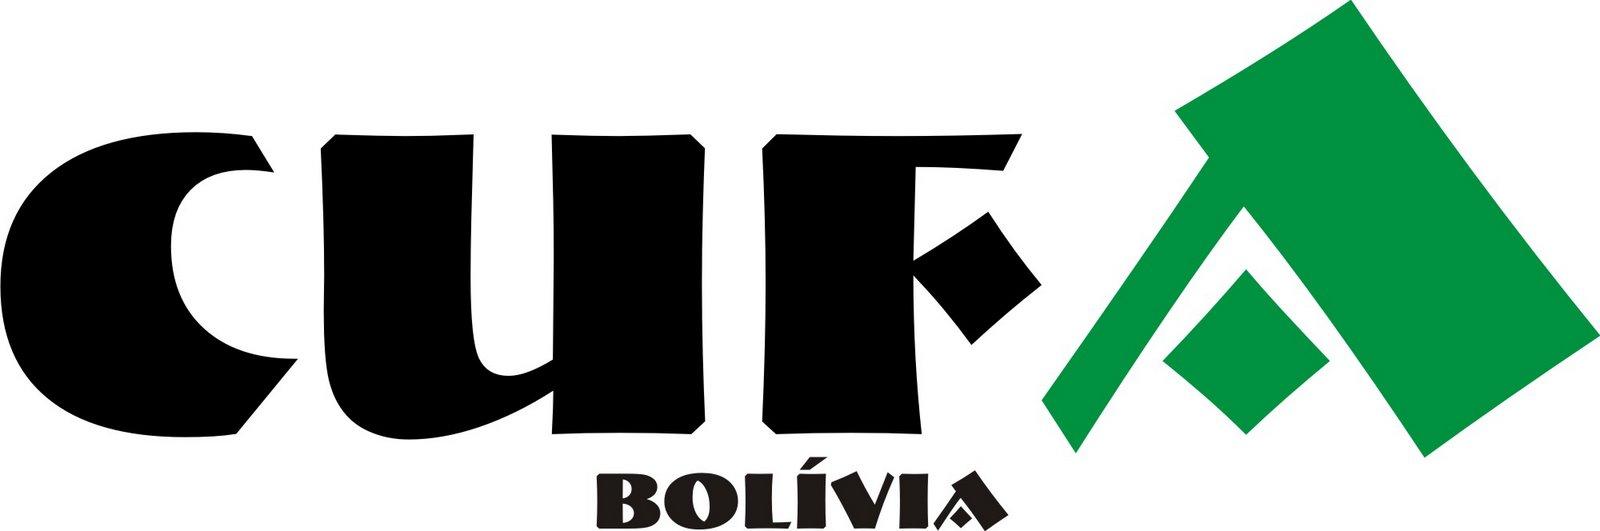 cufabolivia@gmail.com